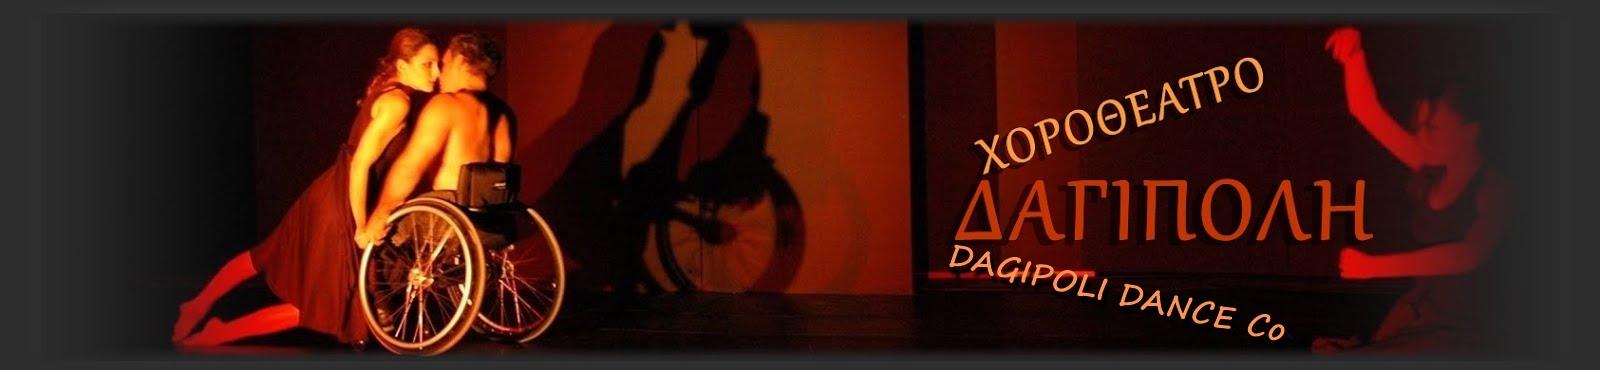 DAGIPOLI DANCE Co